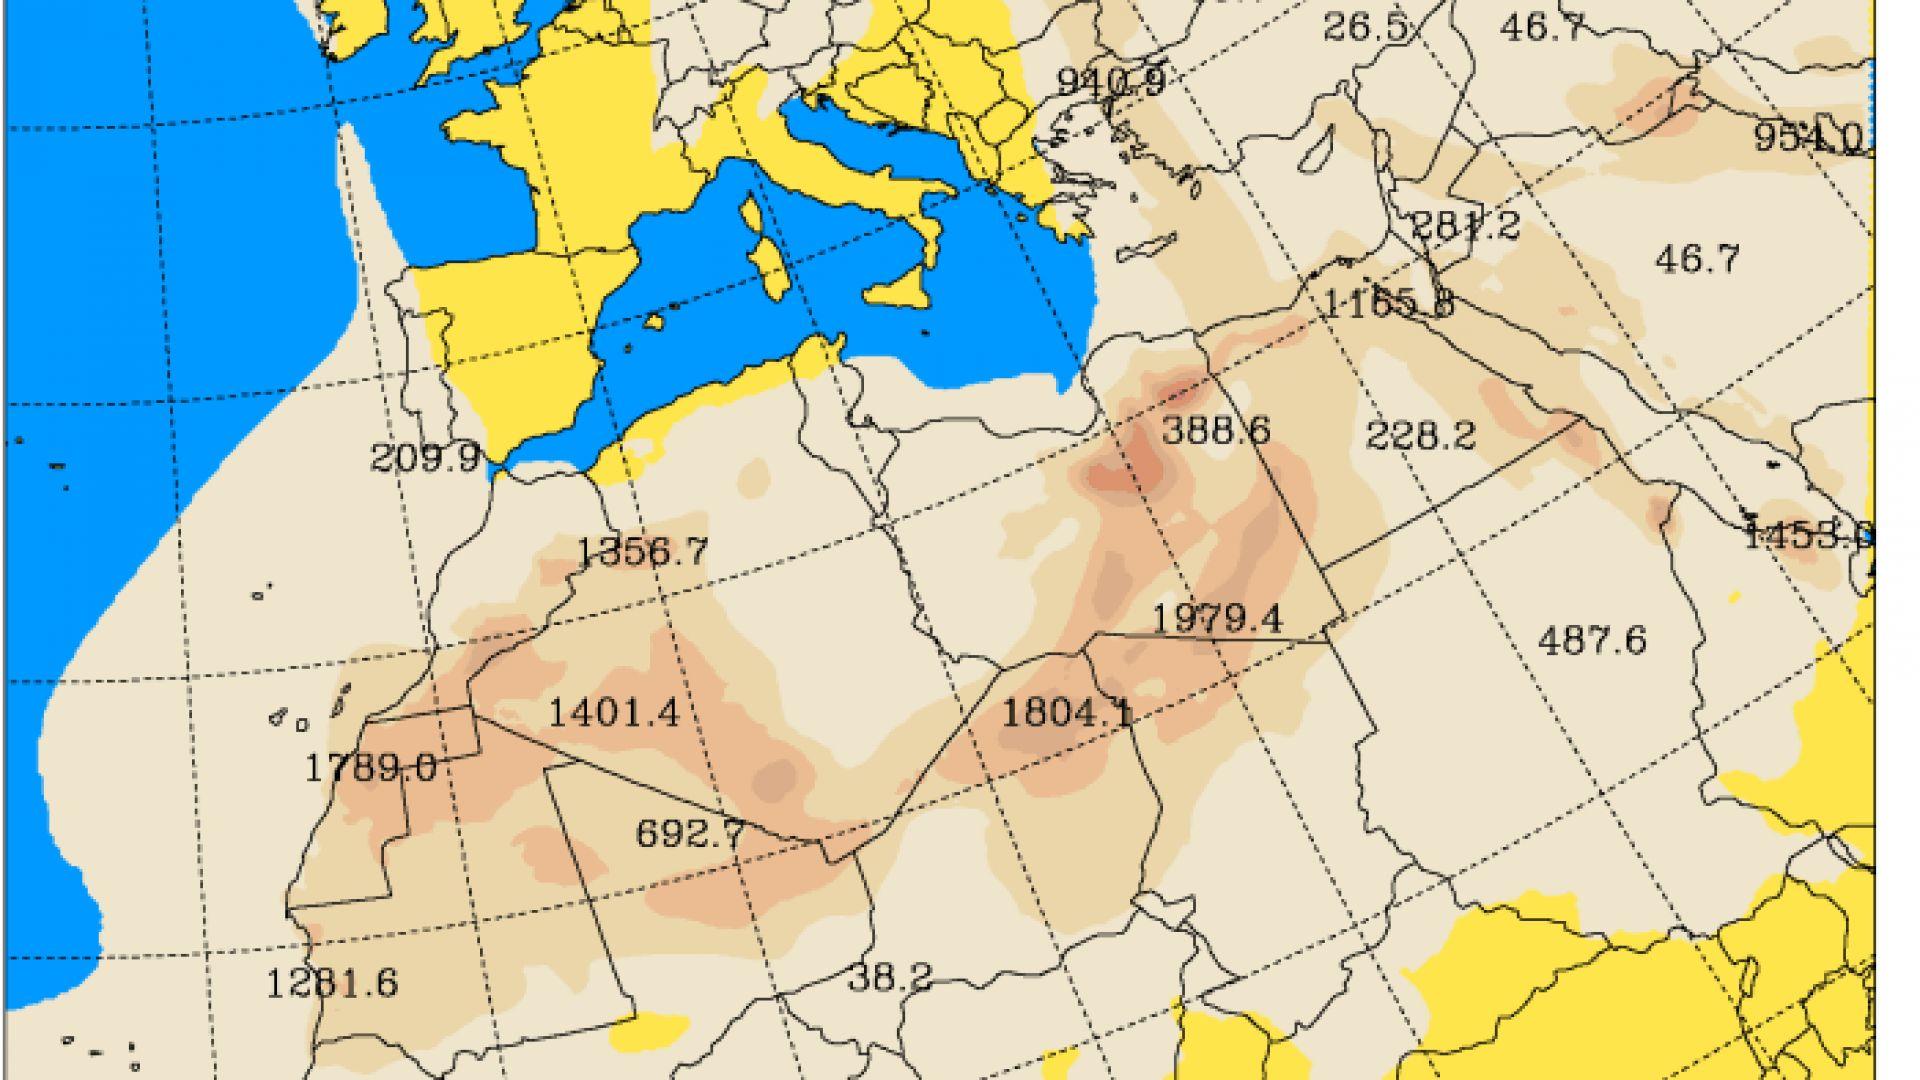 Очаквана концентрация на прахови частици днес към 15 часа българско  време